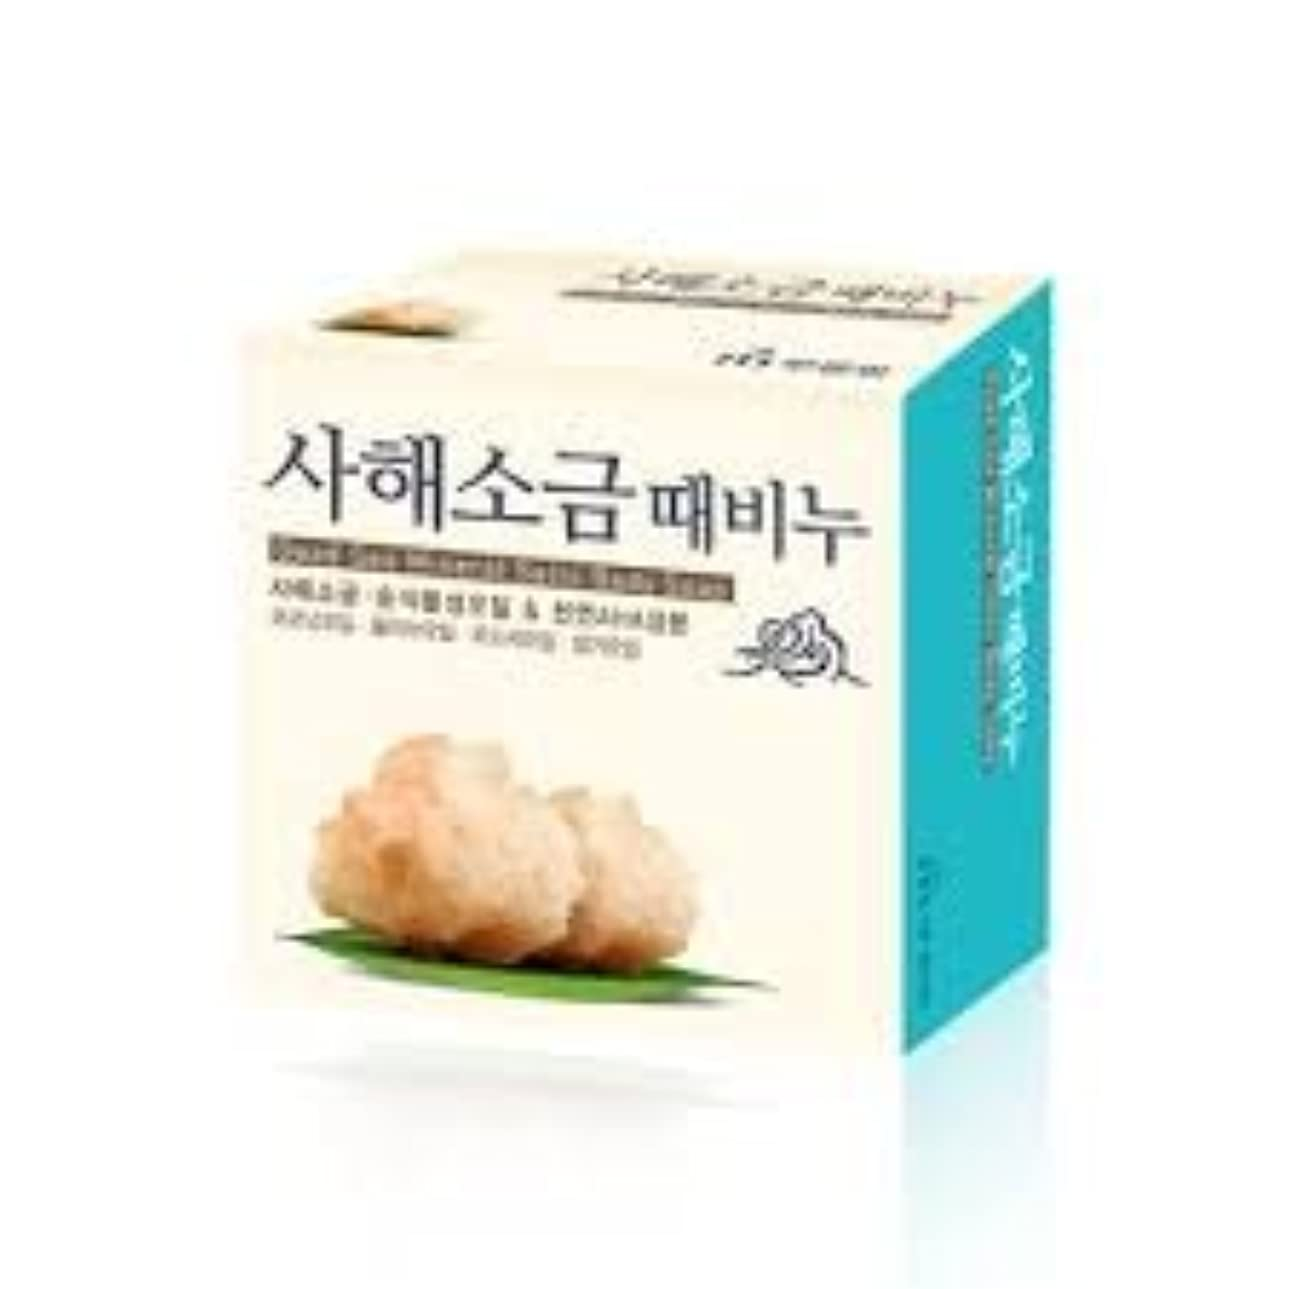 フラッシュのように素早く前者パスムグンファ[MUKUNGHWA] 死海 塩 垢石鹸 100g/ Dead Sea Mineral Salts Body Soap